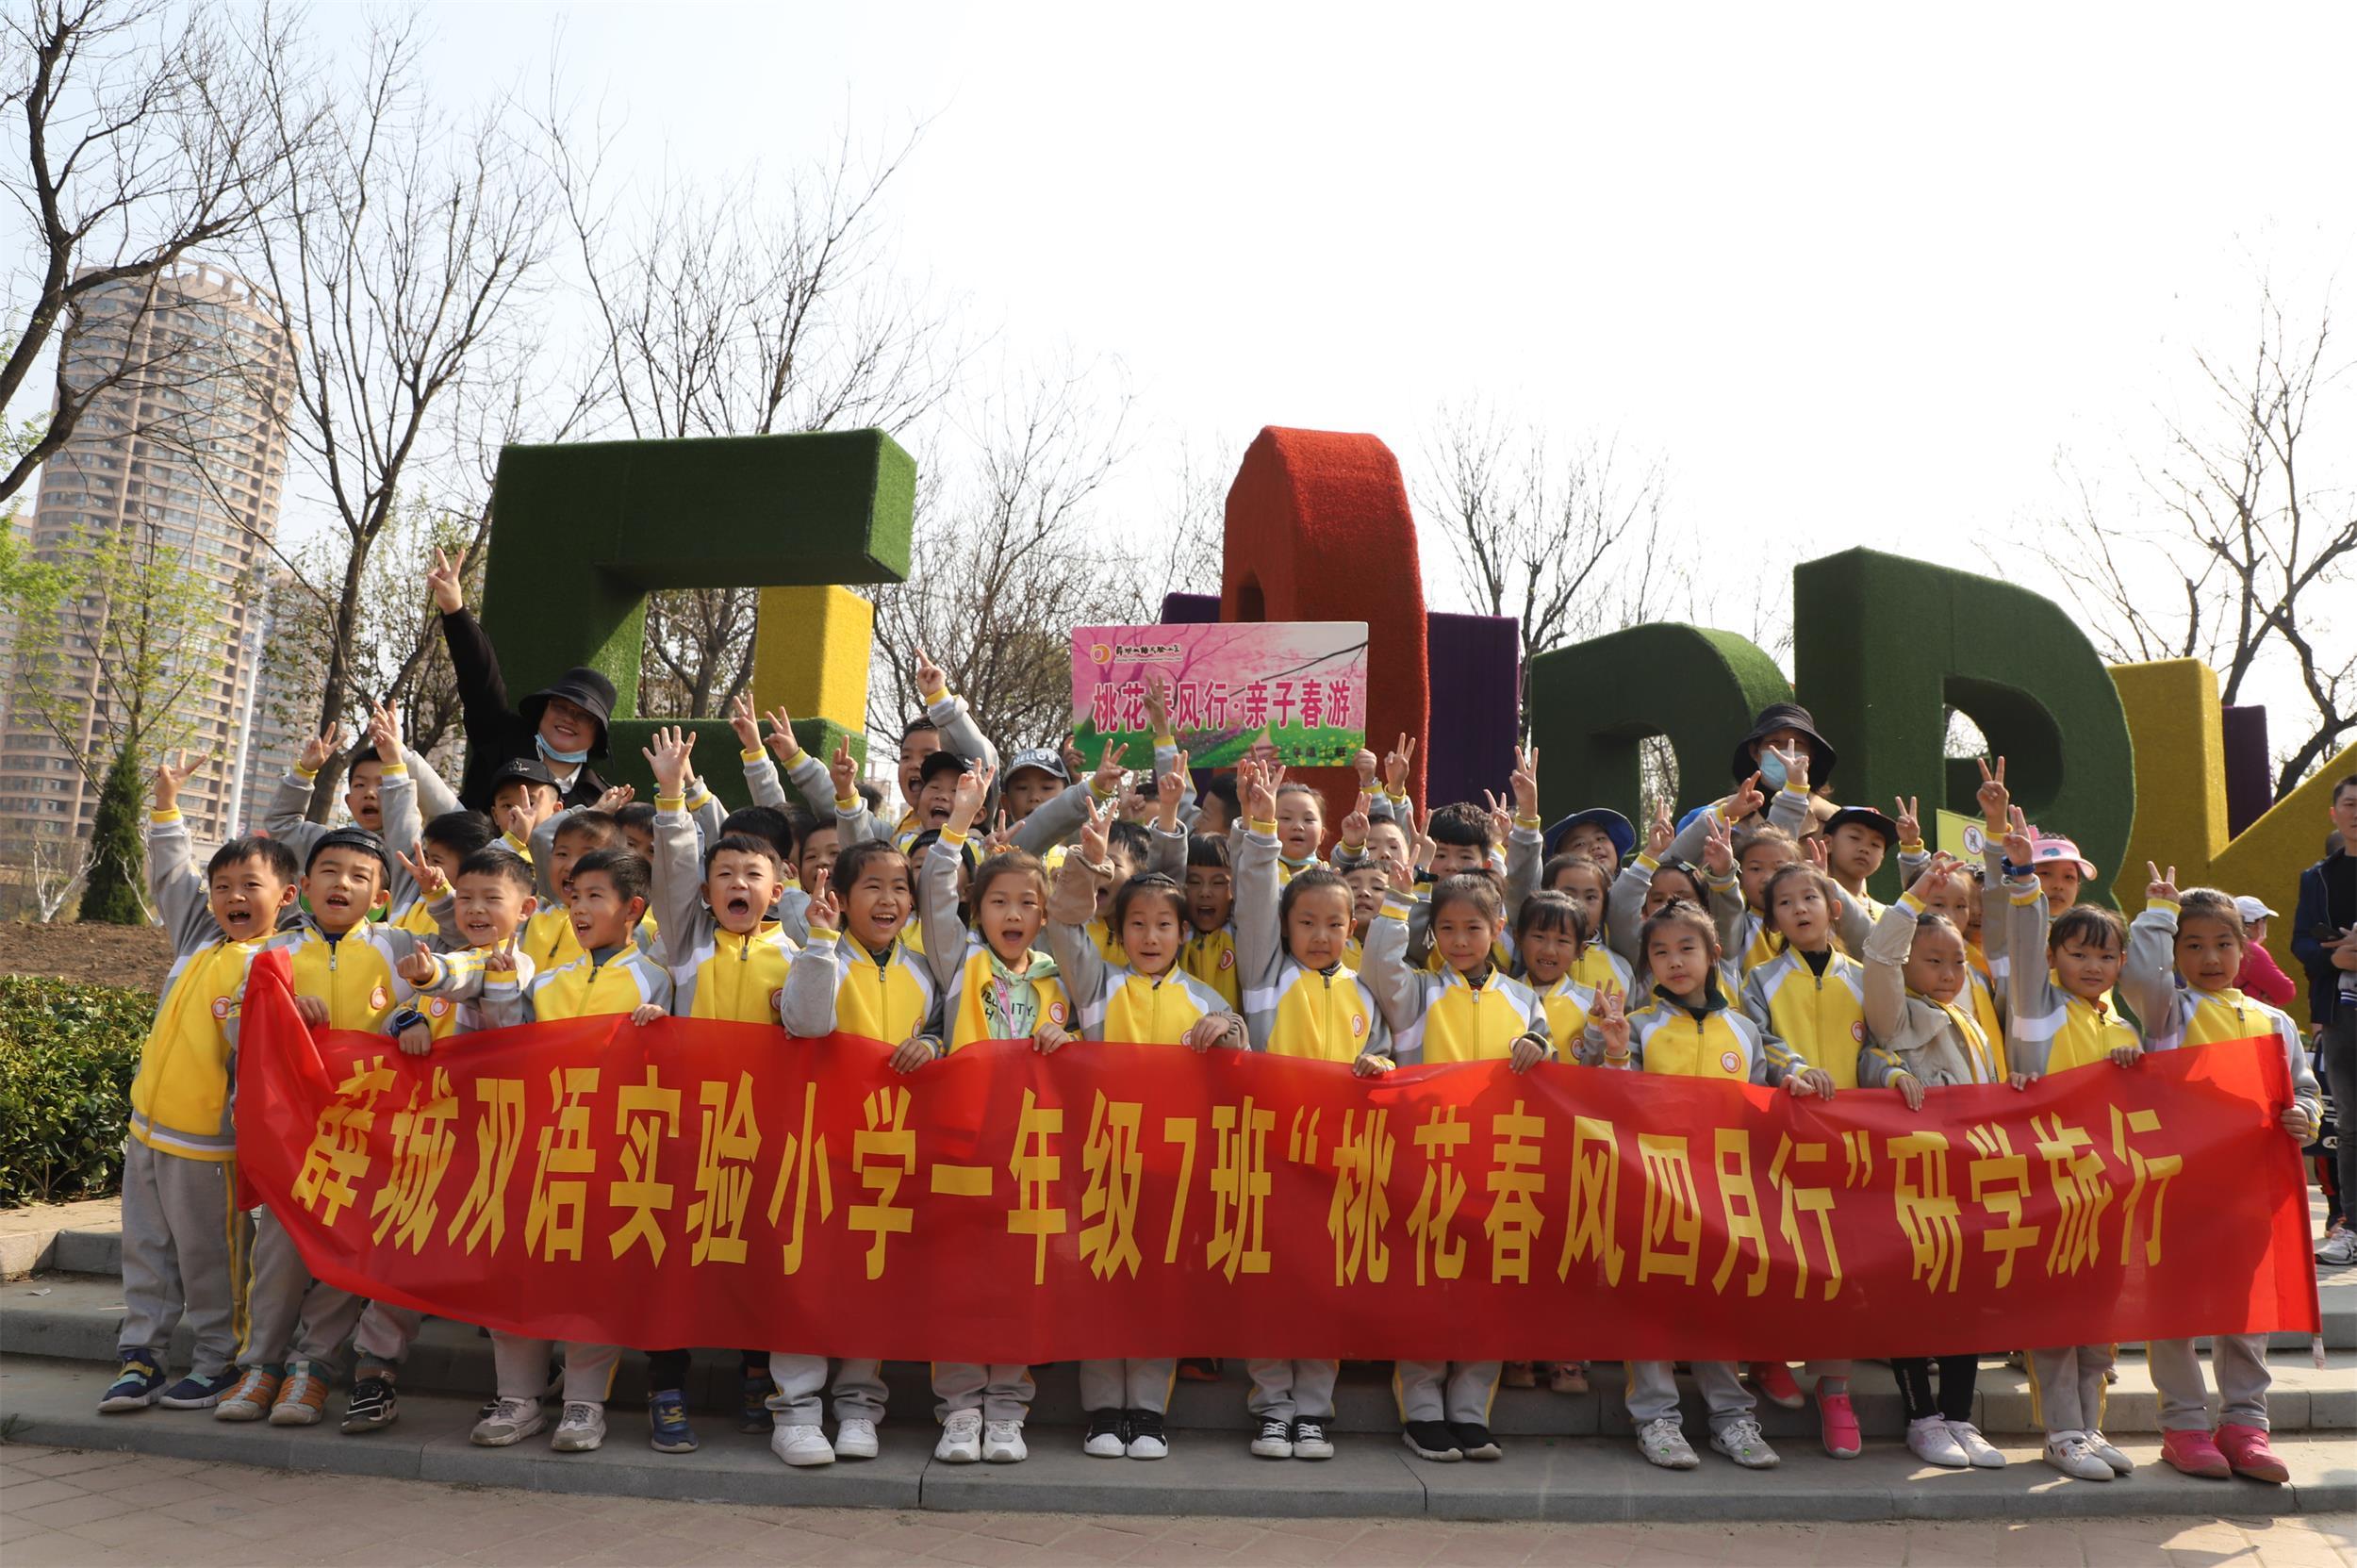 山东省枣庄市薛城区双语实验小学:桃花春风研学行